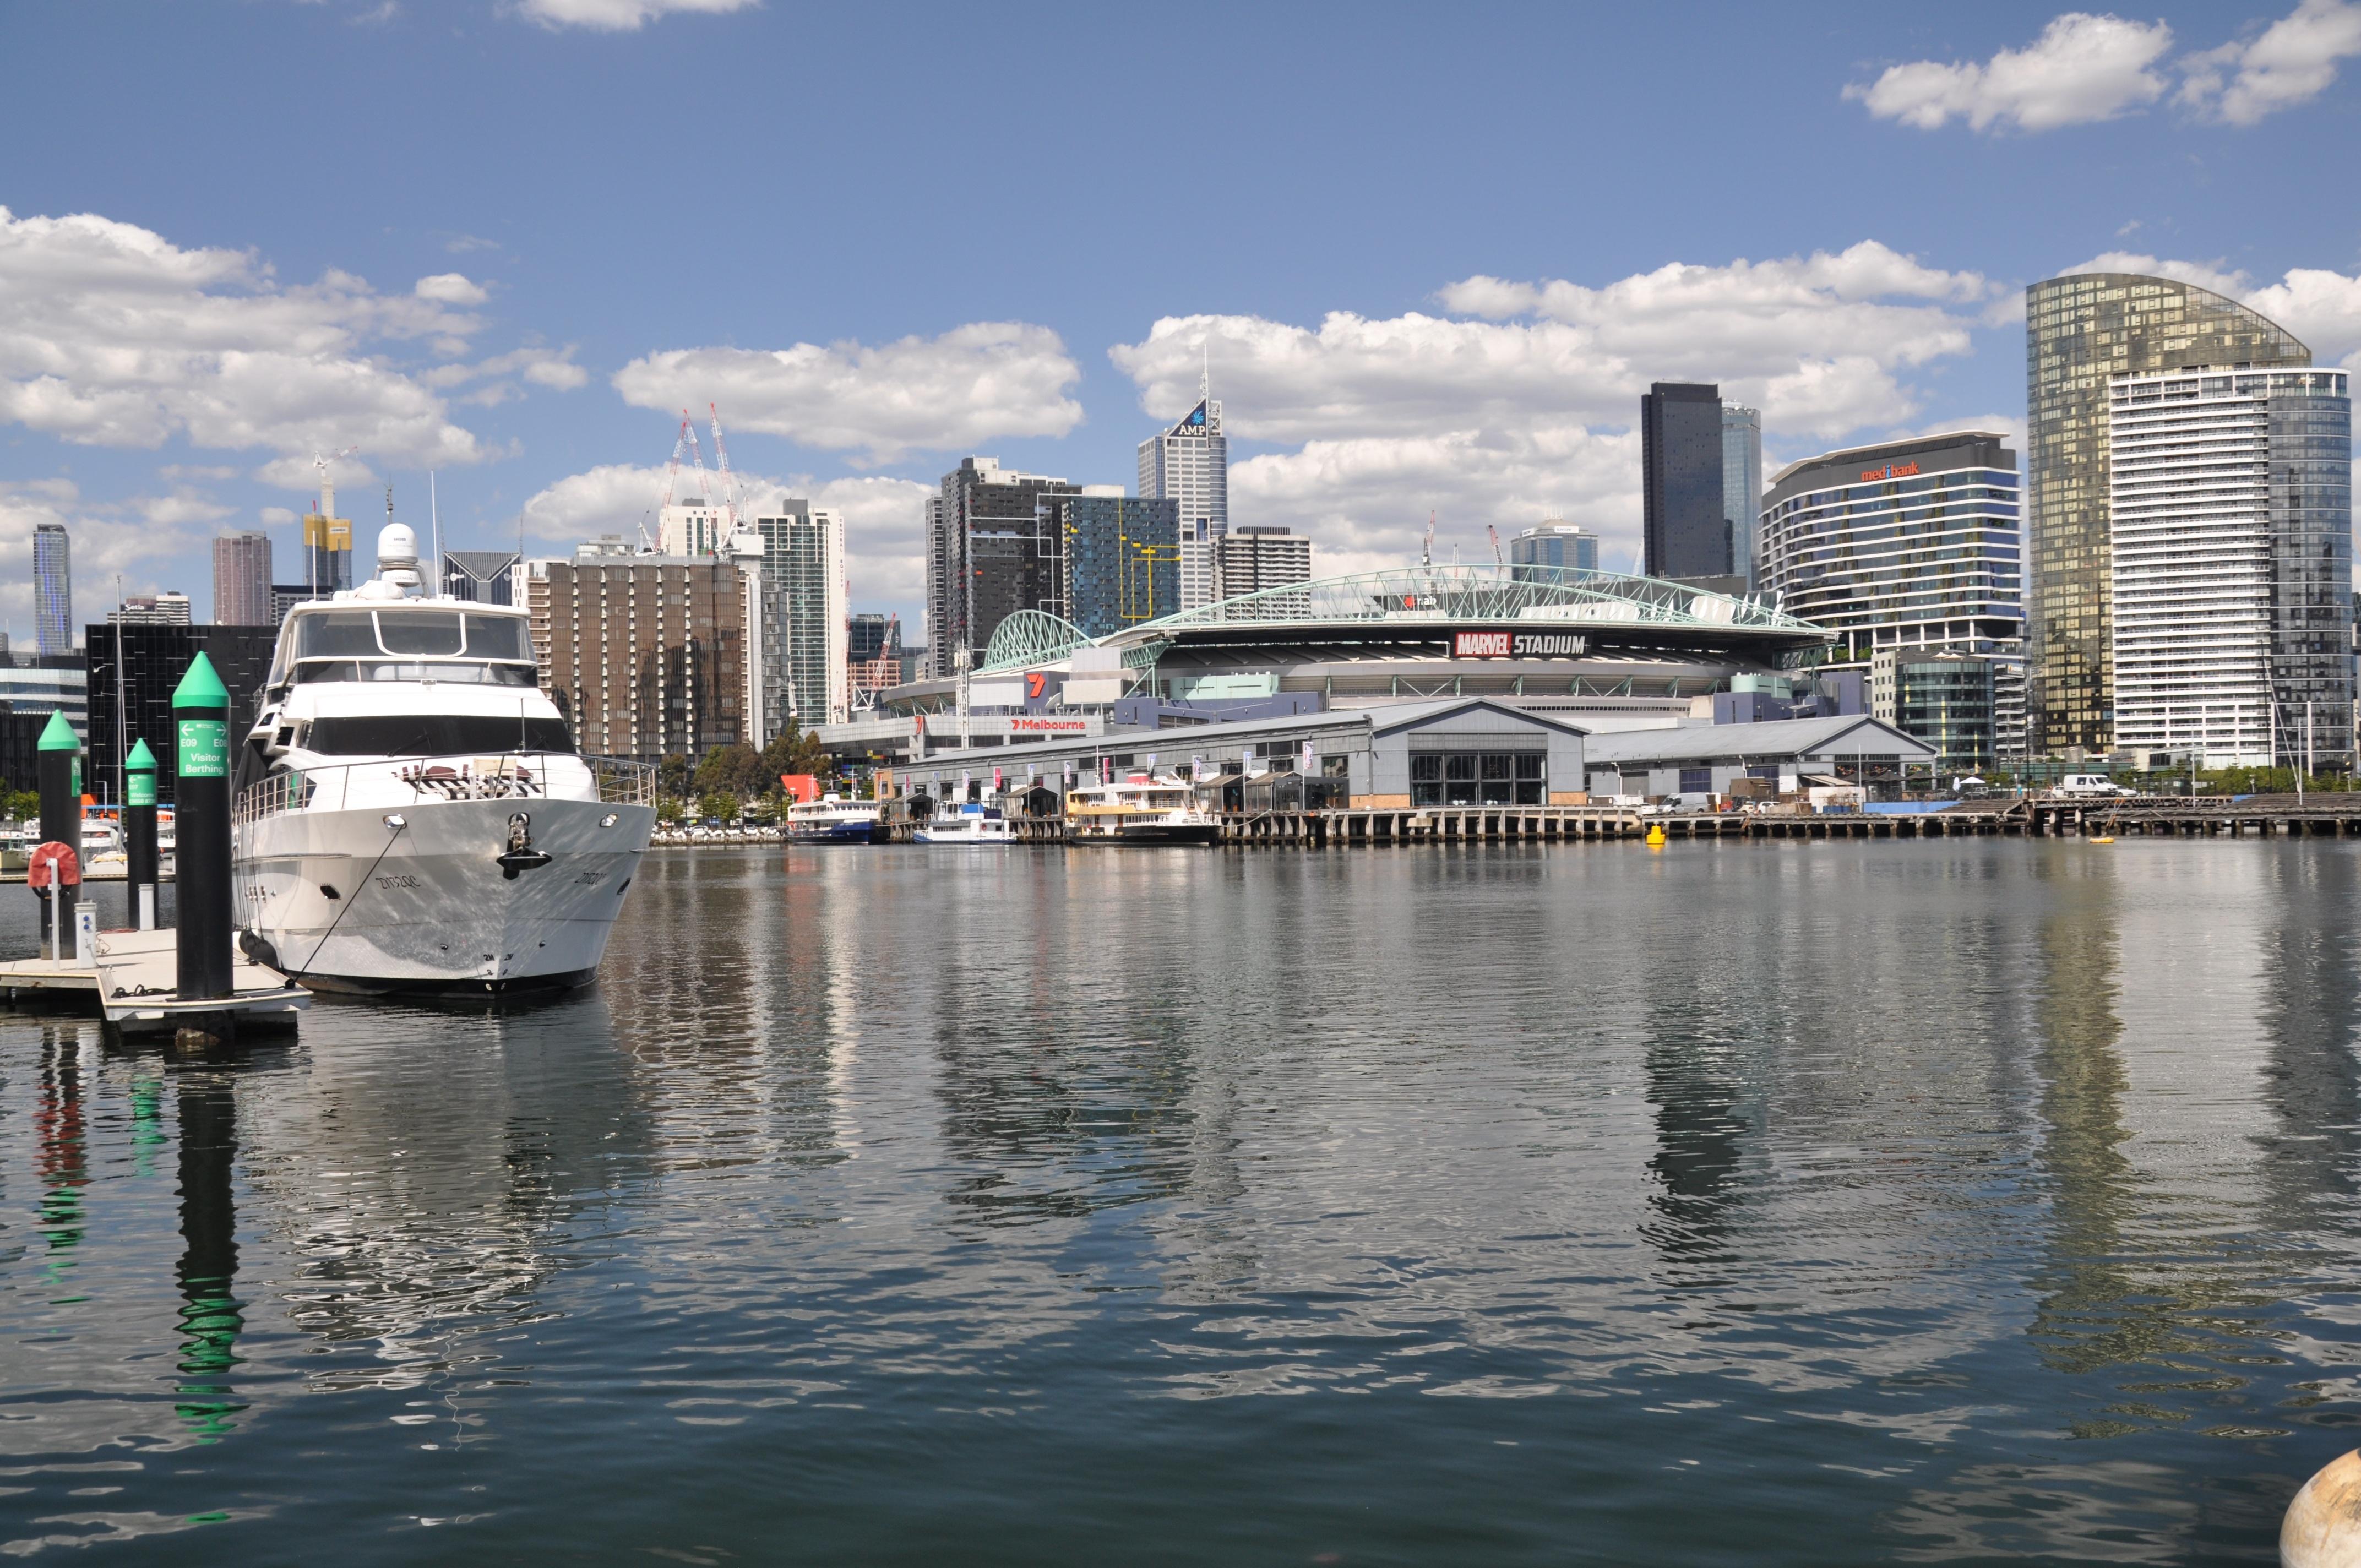 Фото Мельбурн Австралия Яхта Причалы Дома город 4288x2848 Пирсы Пристань Города Здания